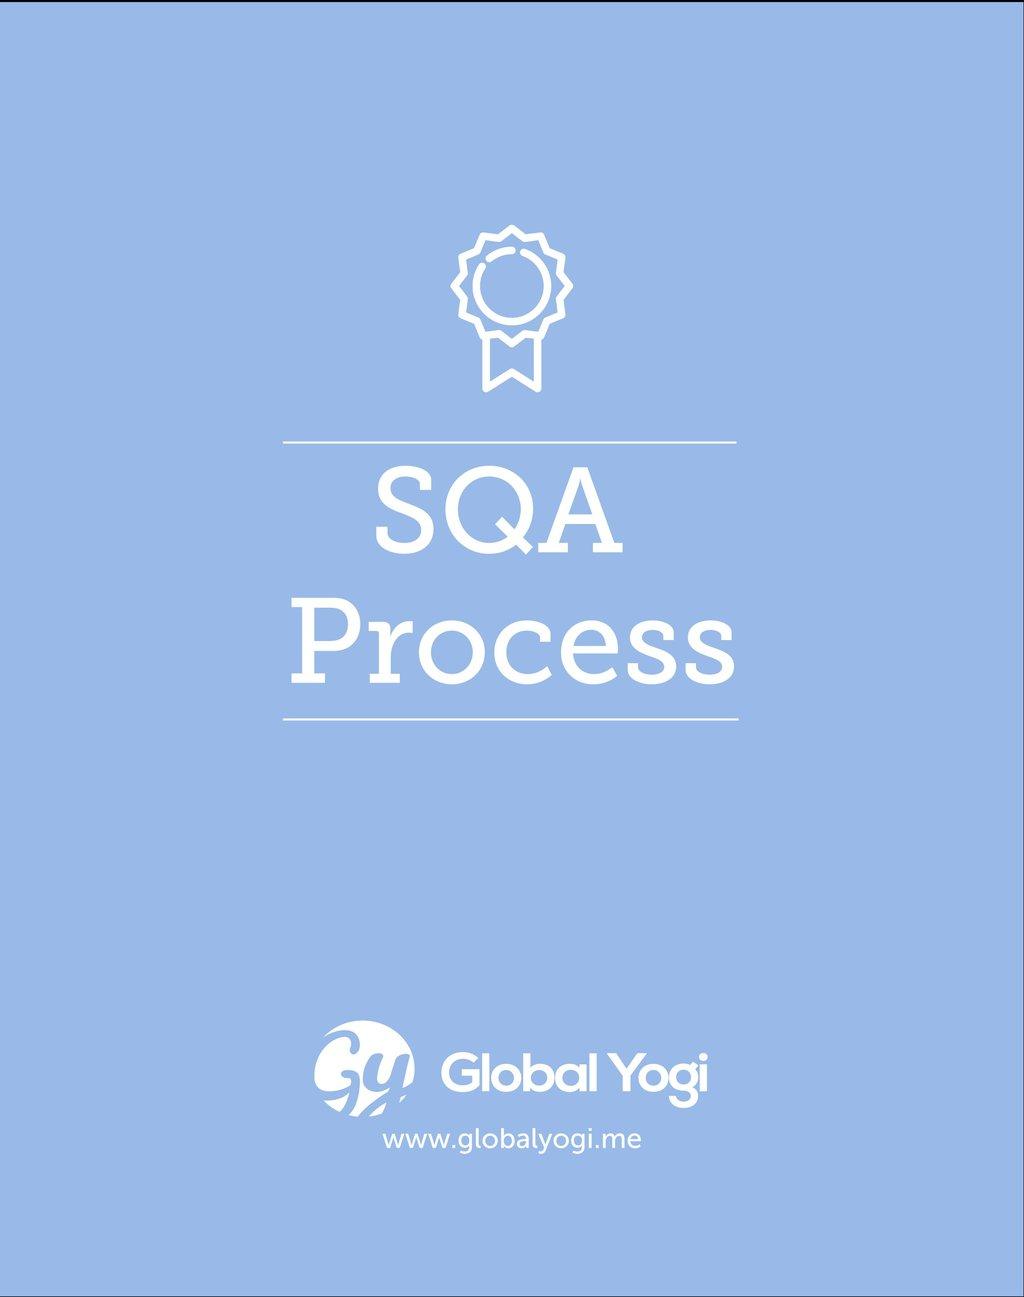 SQA_process